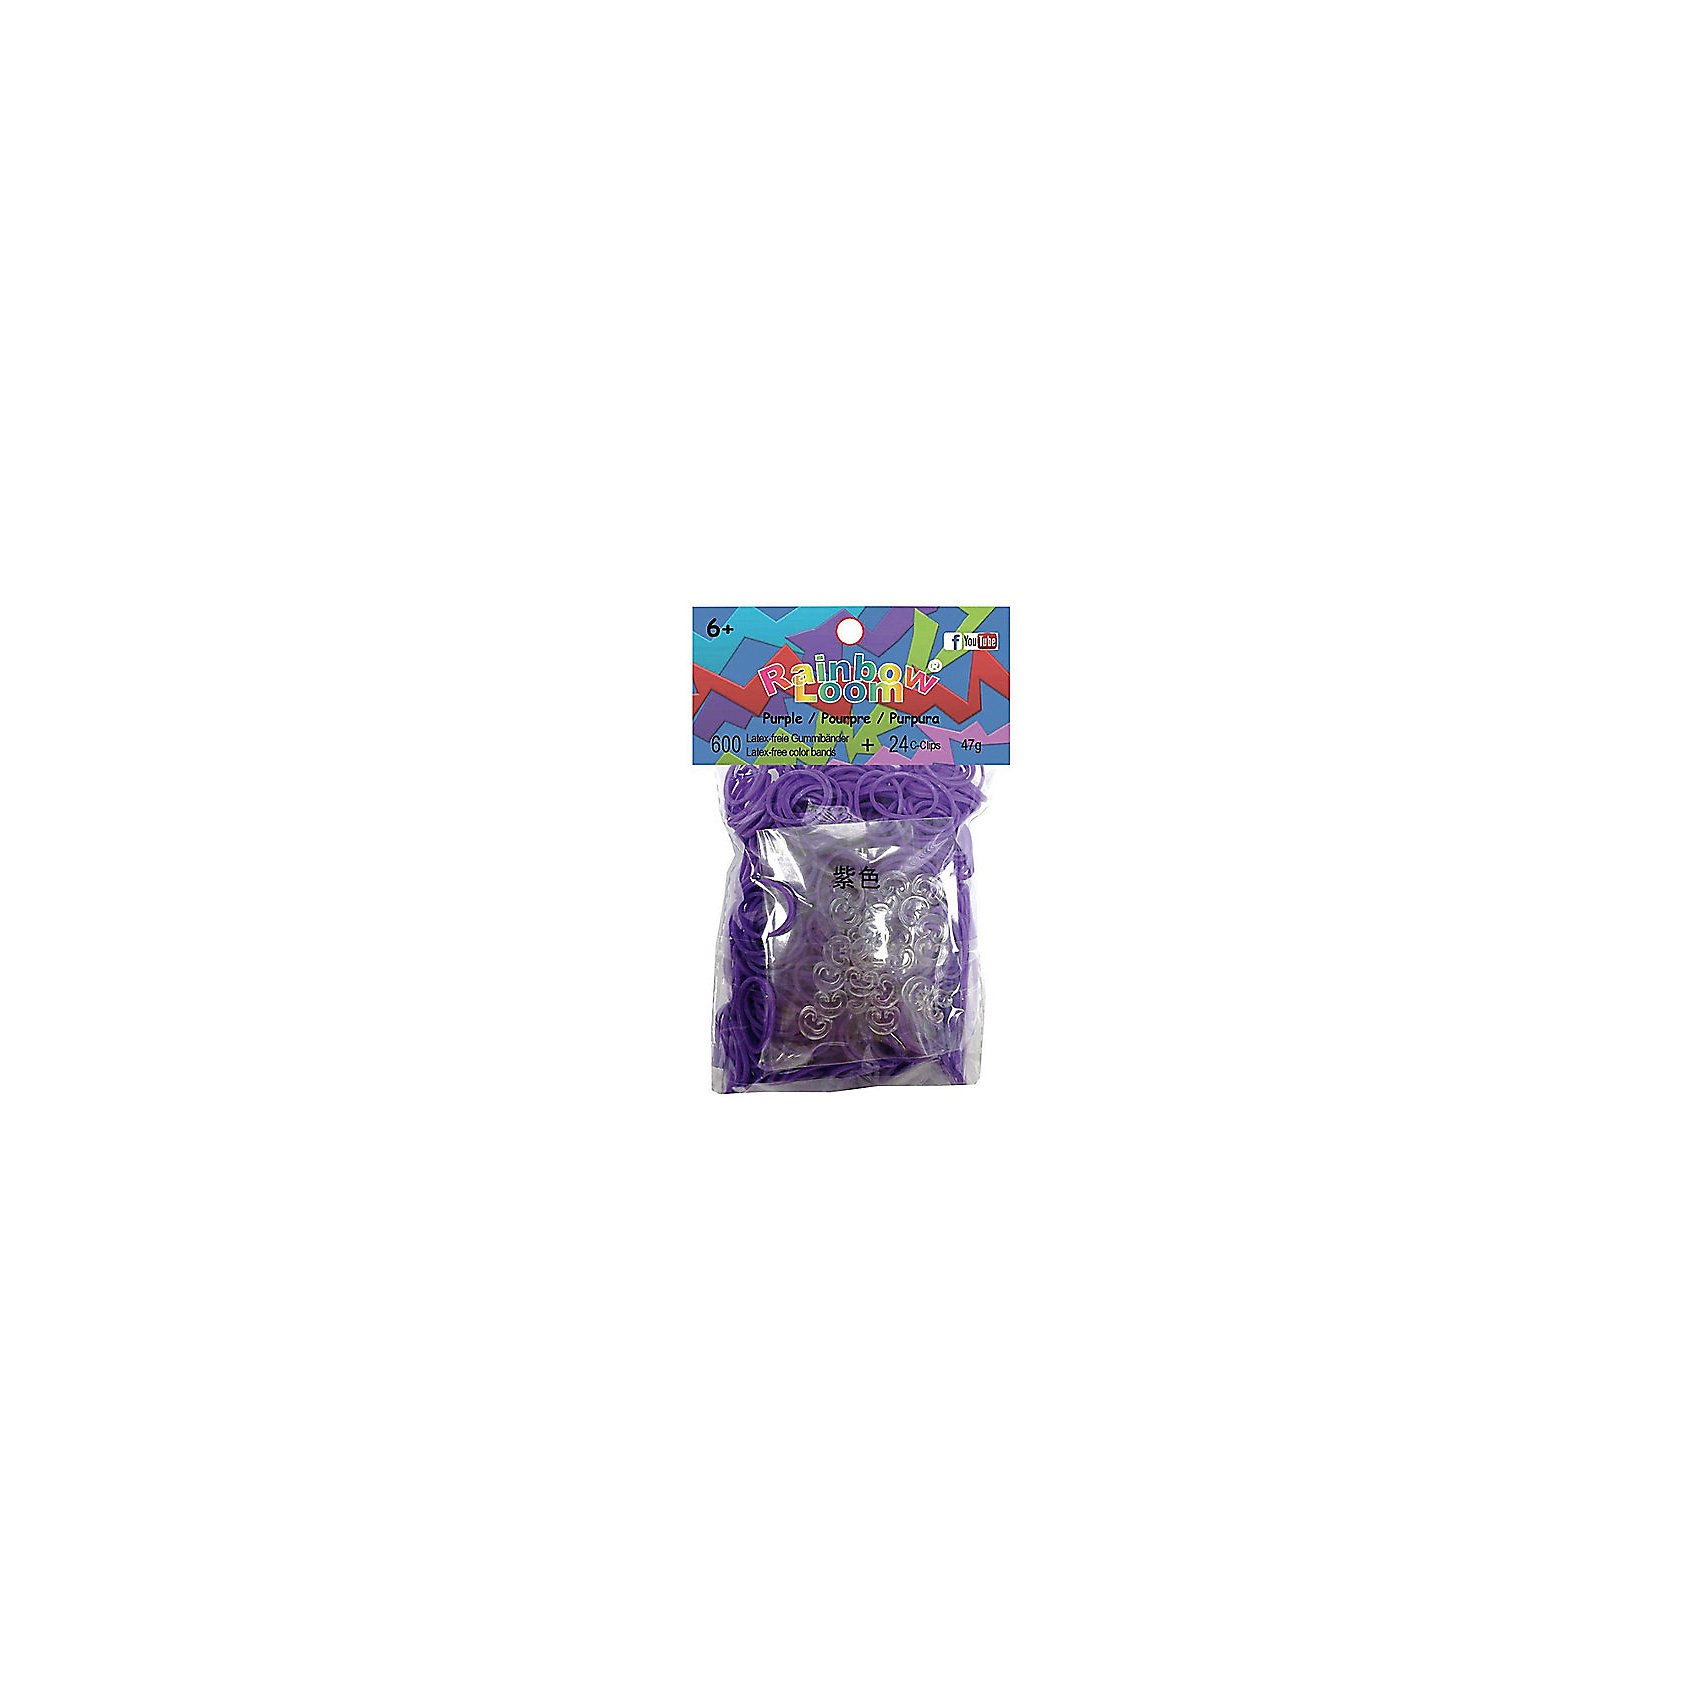 Фиолетовые резиночки (24 с-клипсы+600 резиночек), Rainbow LoomФиолетовые резиночки (24 с-клипсы+600 резиночек), Rainbow Loom (Рейнбоу Лум) – это оригинальный набор для детского творчества.<br>Набор миниатюрных резиночек Блестящие микс от Rainbow Loom (Рейнбоу Лум) привлечет девочку и поможет создать необычные украшения для себя и подруг. Резиночки приятно брать в руки, они хорошо тянутся, их удобно размещать на станке, плести руками или крючком. Яркими резиночками можно выделить определенные участки в браслете или игрушке, или выполнить поделку полностью из резиночек фиолетового цвета. Готовый браслет или ожерелье можно соединить при помощи с-клипс, входящих в набор. Плетение из резиночек увлекательное занятие, популярное во всем мире, с помощью которого можно создавать стильные украшения и запоминающиеся аксессуары. Этот вид творчества разовьет в ребенке усидчивость и кропотливость, креативное и дизайнерское мышление.<br><br>Дополнительная информация:<br><br>- В наборе: 600 резиночек, 24 пластиковых с-клипс<br>- Материал: пластик, резина<br>- Размер упаковки: 110 х 55 х 15 мм.<br>- Вес: 50 гр.<br><br>Фиолетовые резиночки (24 с-клипсы+600 резиночек), Rainbow Loom (Рейнбоу Лум) можно купить в нашем интернет-магазине.<br><br>Ширина мм: 110<br>Глубина мм: 55<br>Высота мм: 15<br>Вес г: 50<br>Возраст от месяцев: 72<br>Возраст до месяцев: 192<br>Пол: Унисекс<br>Возраст: Детский<br>SKU: 3996358